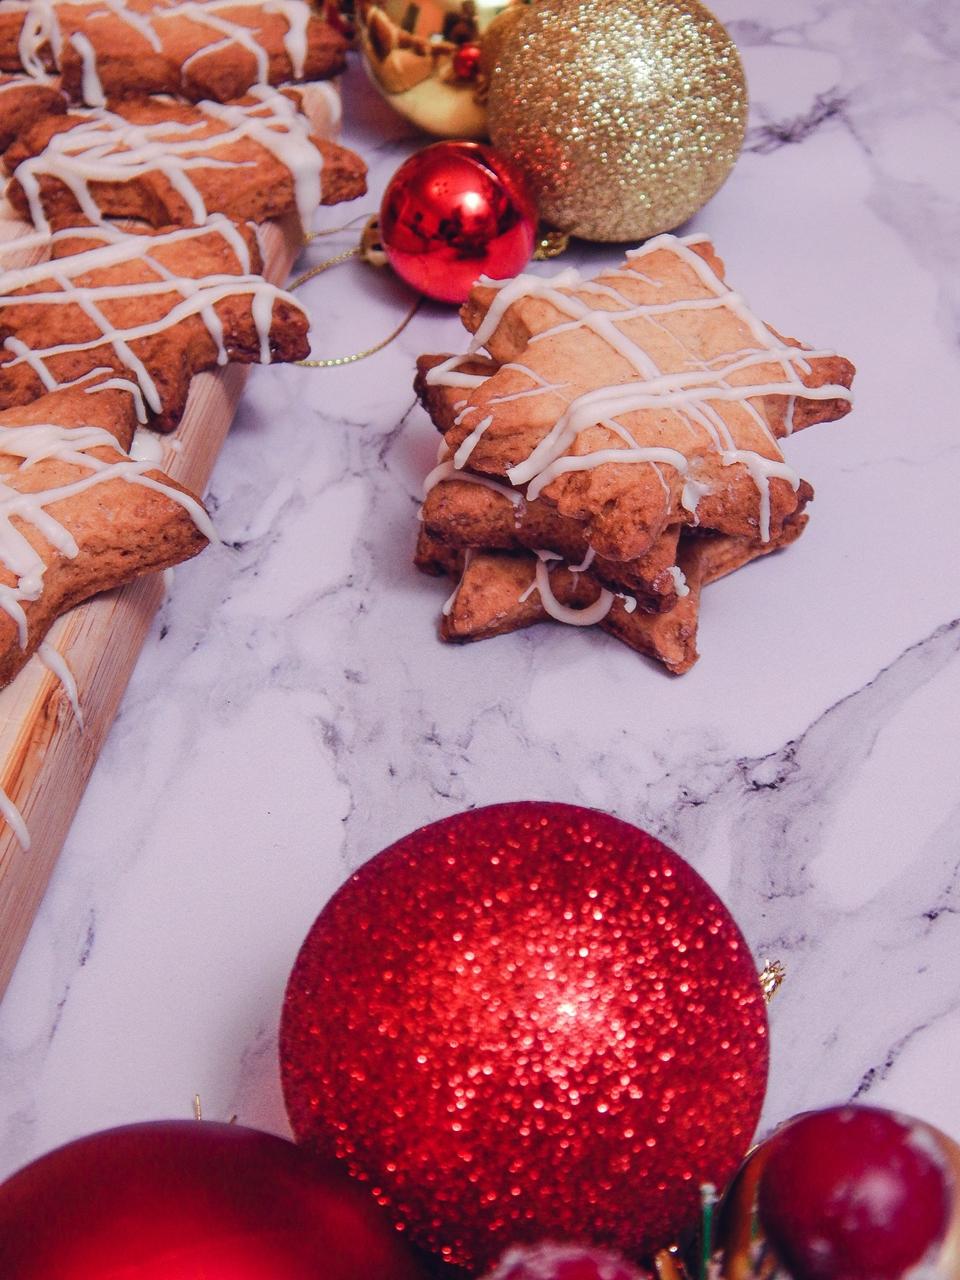 3 Pierniczki inaczej, prosty szybki, łatwy przepis na pierniki ciastka kruche, świąteczne ciastka, ciastka na choinkę jak zrobić pierniki ciastka gwiazdki, blog kulinarny łódź, lifestyle melodylaniella